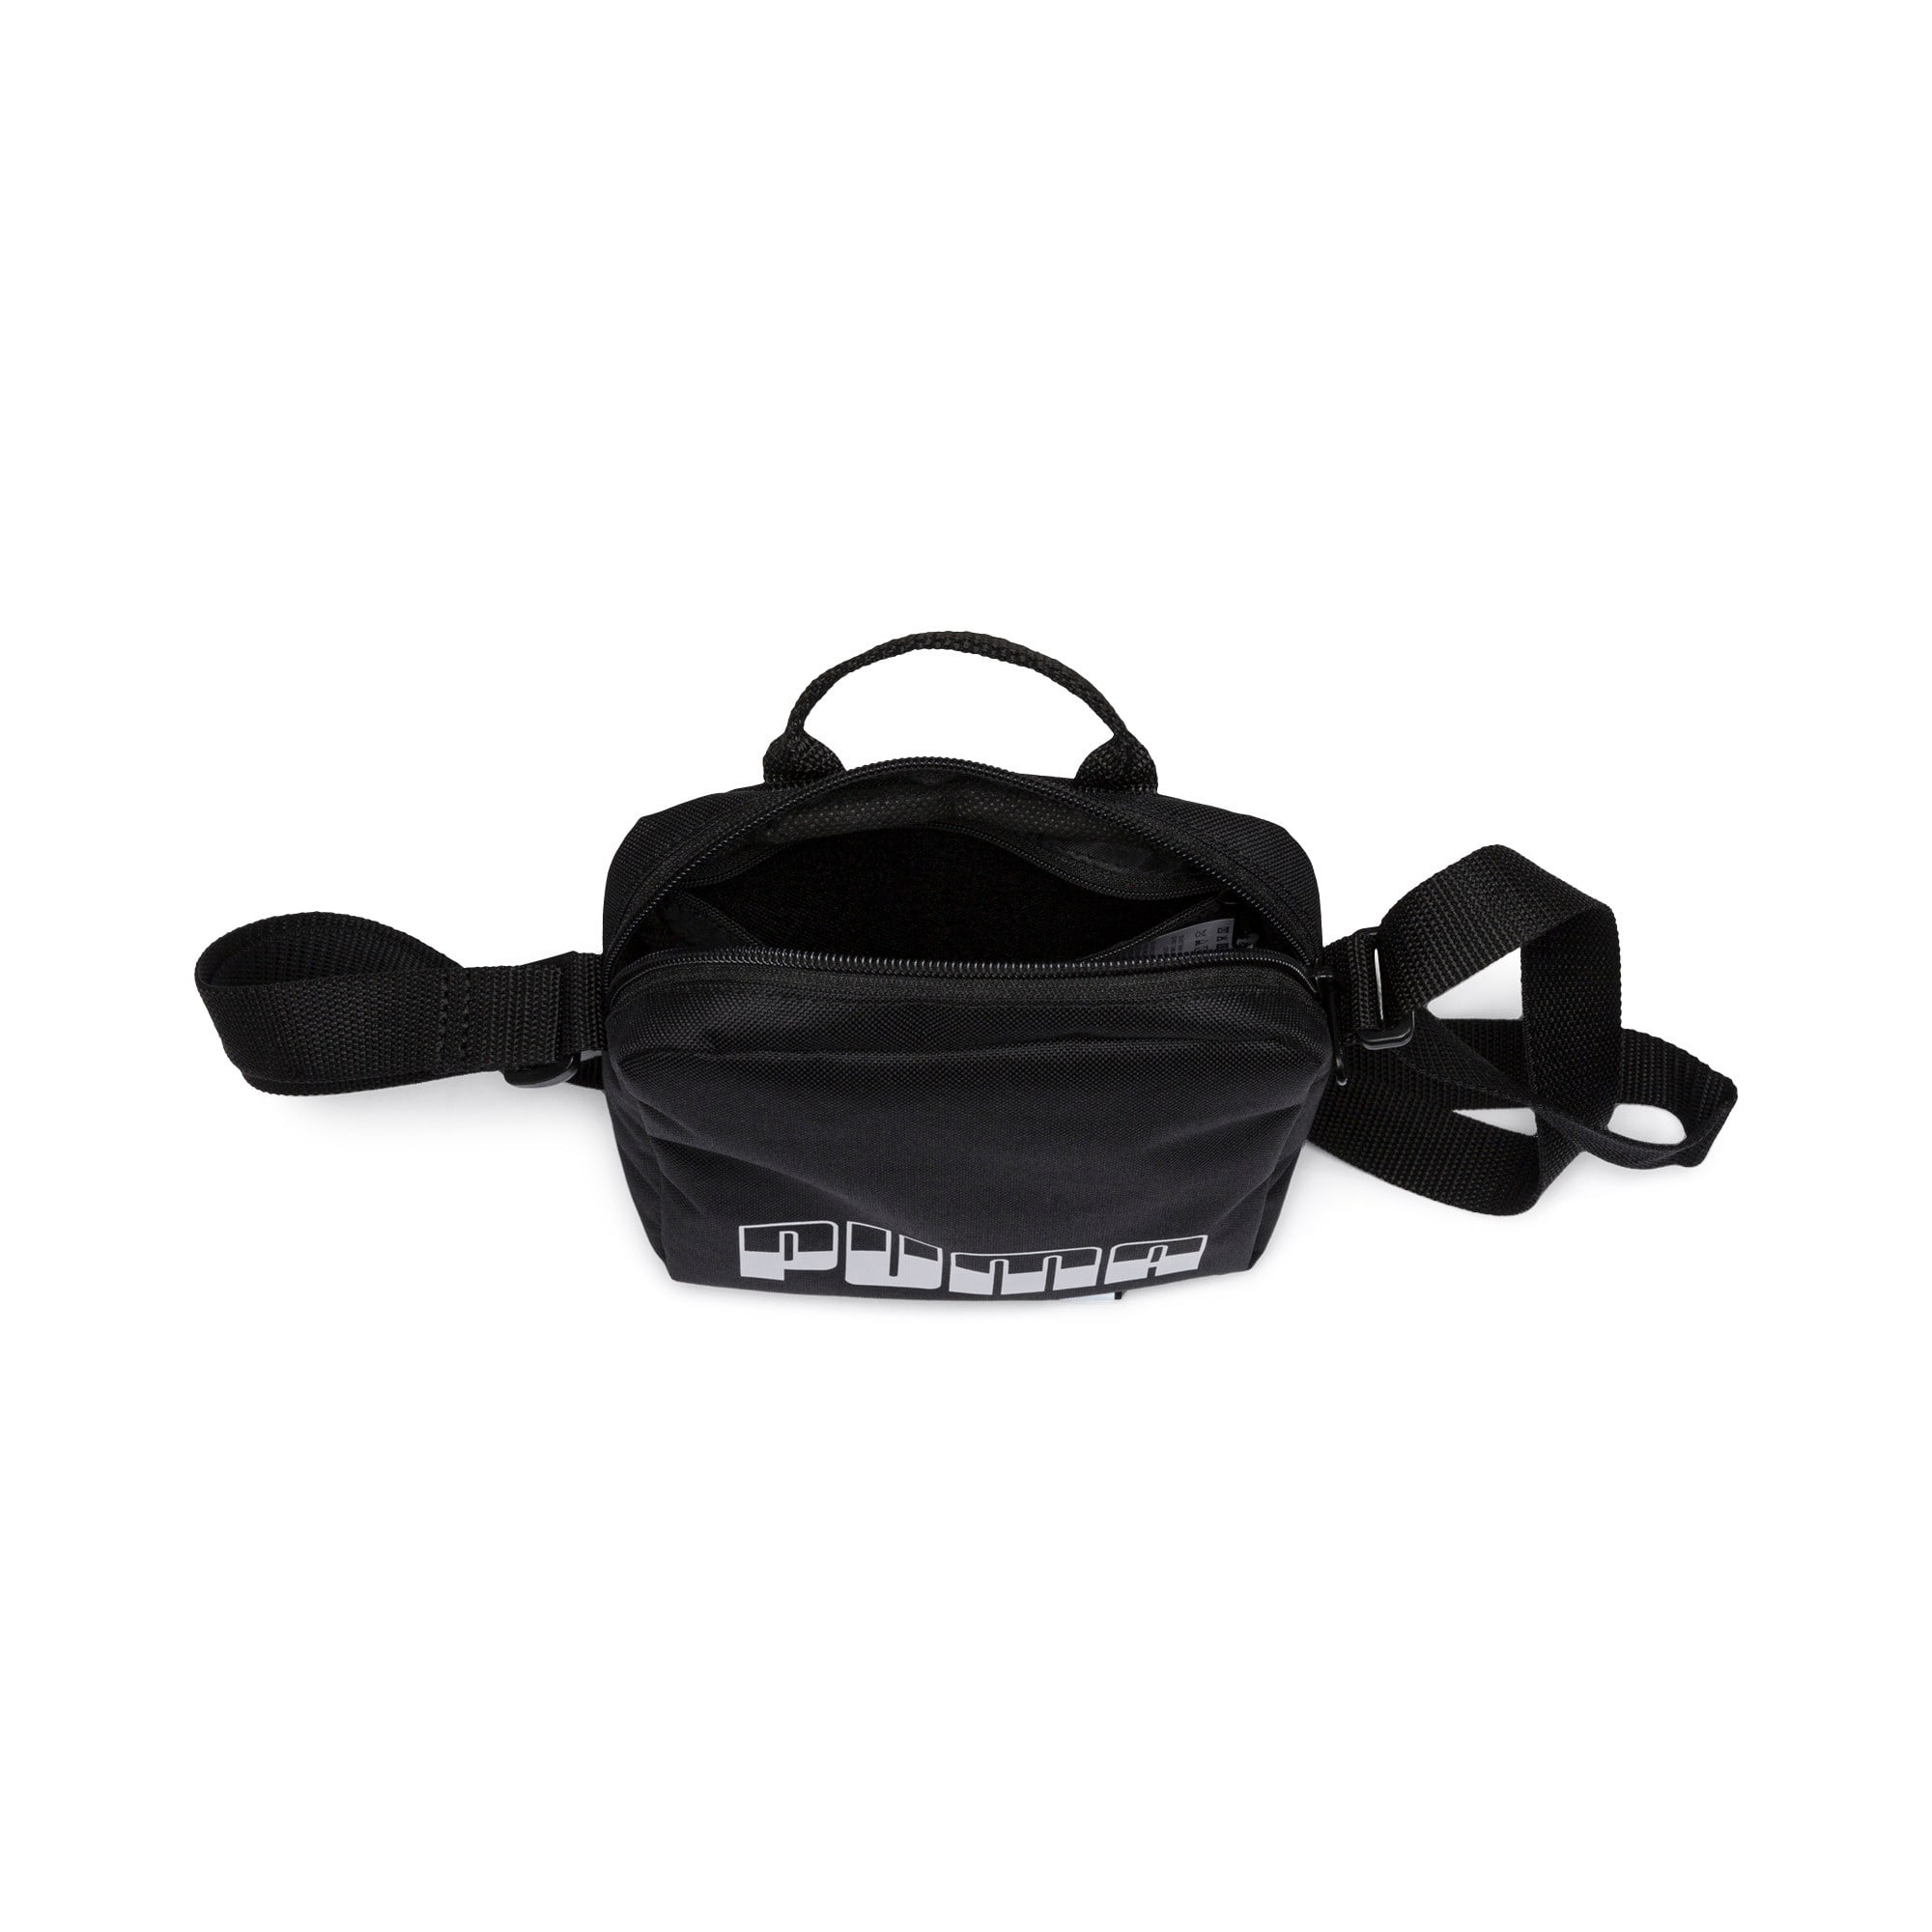 Thumbnail 3 of Plus Portable II Shoulder Bag, Puma Black, medium-IND